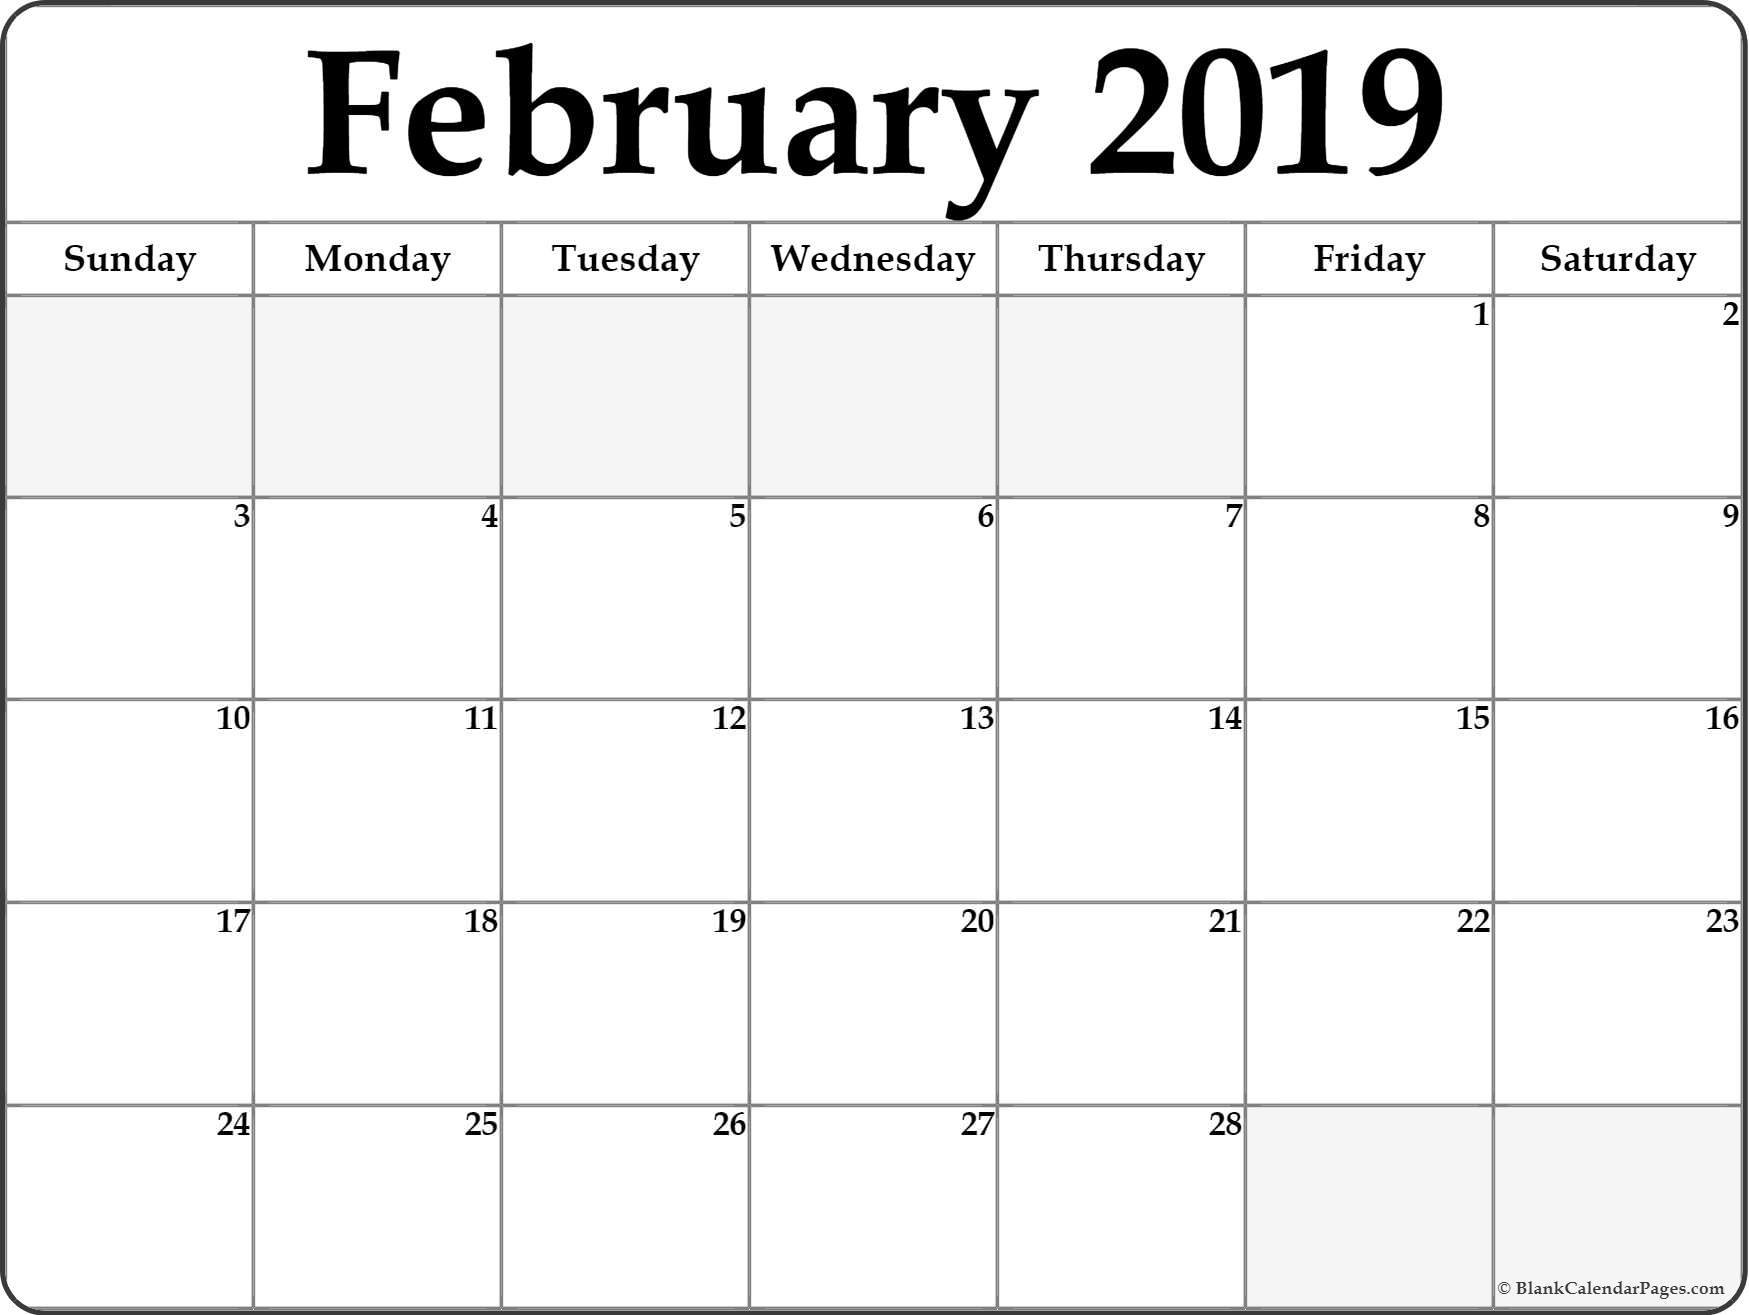 Calendar February 2019 PDF